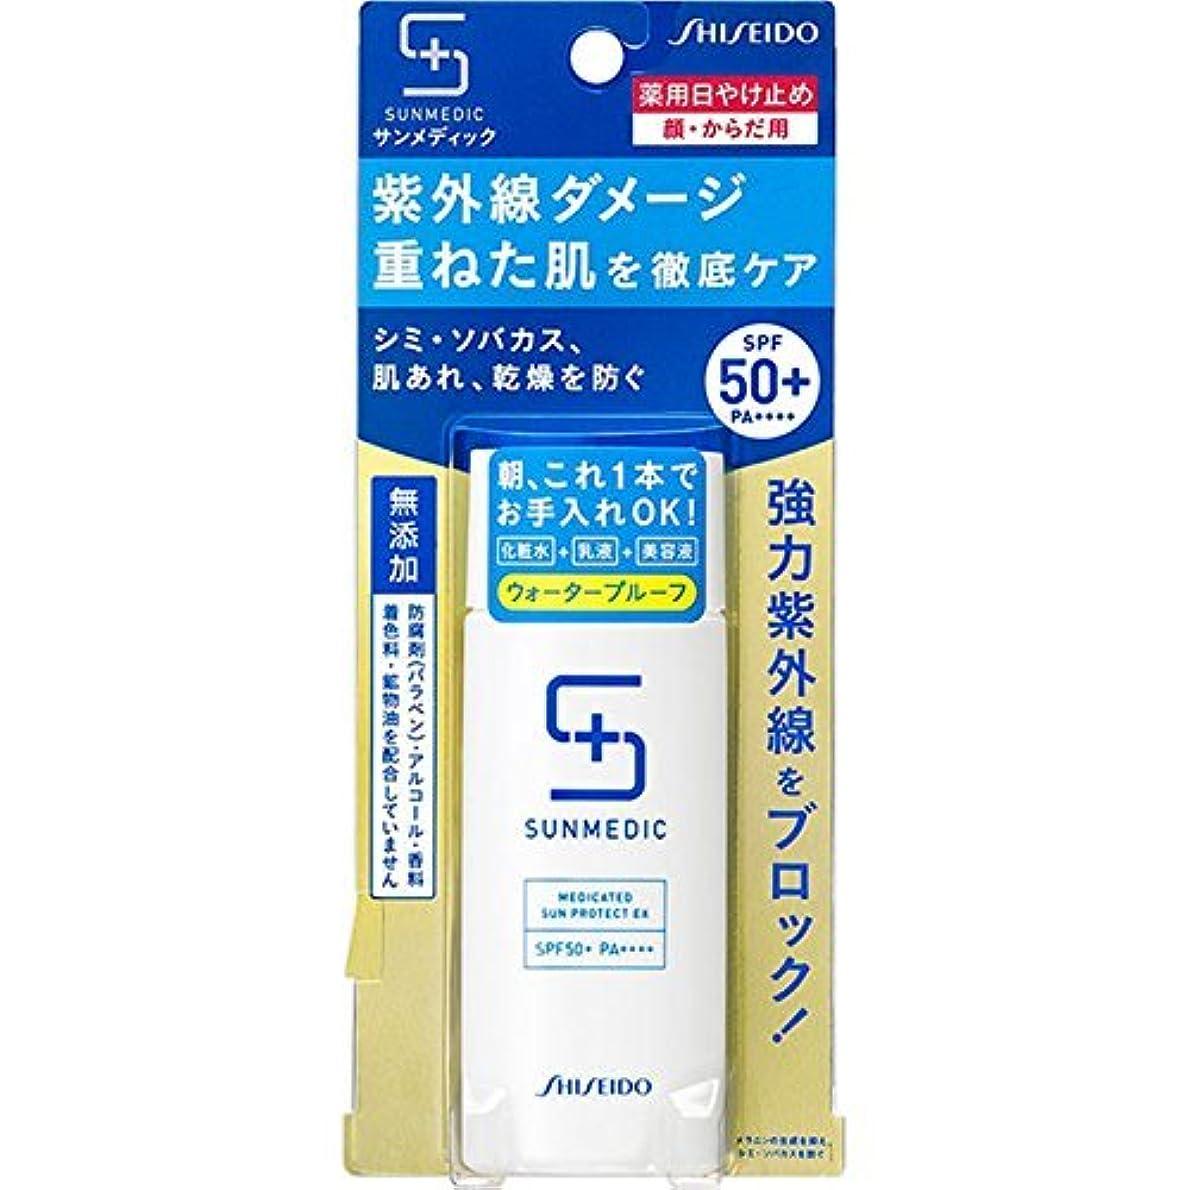 図パーツ準備ができてMK サンメディックUV 薬用サンプロテクトEX 50mL (医薬部外品)